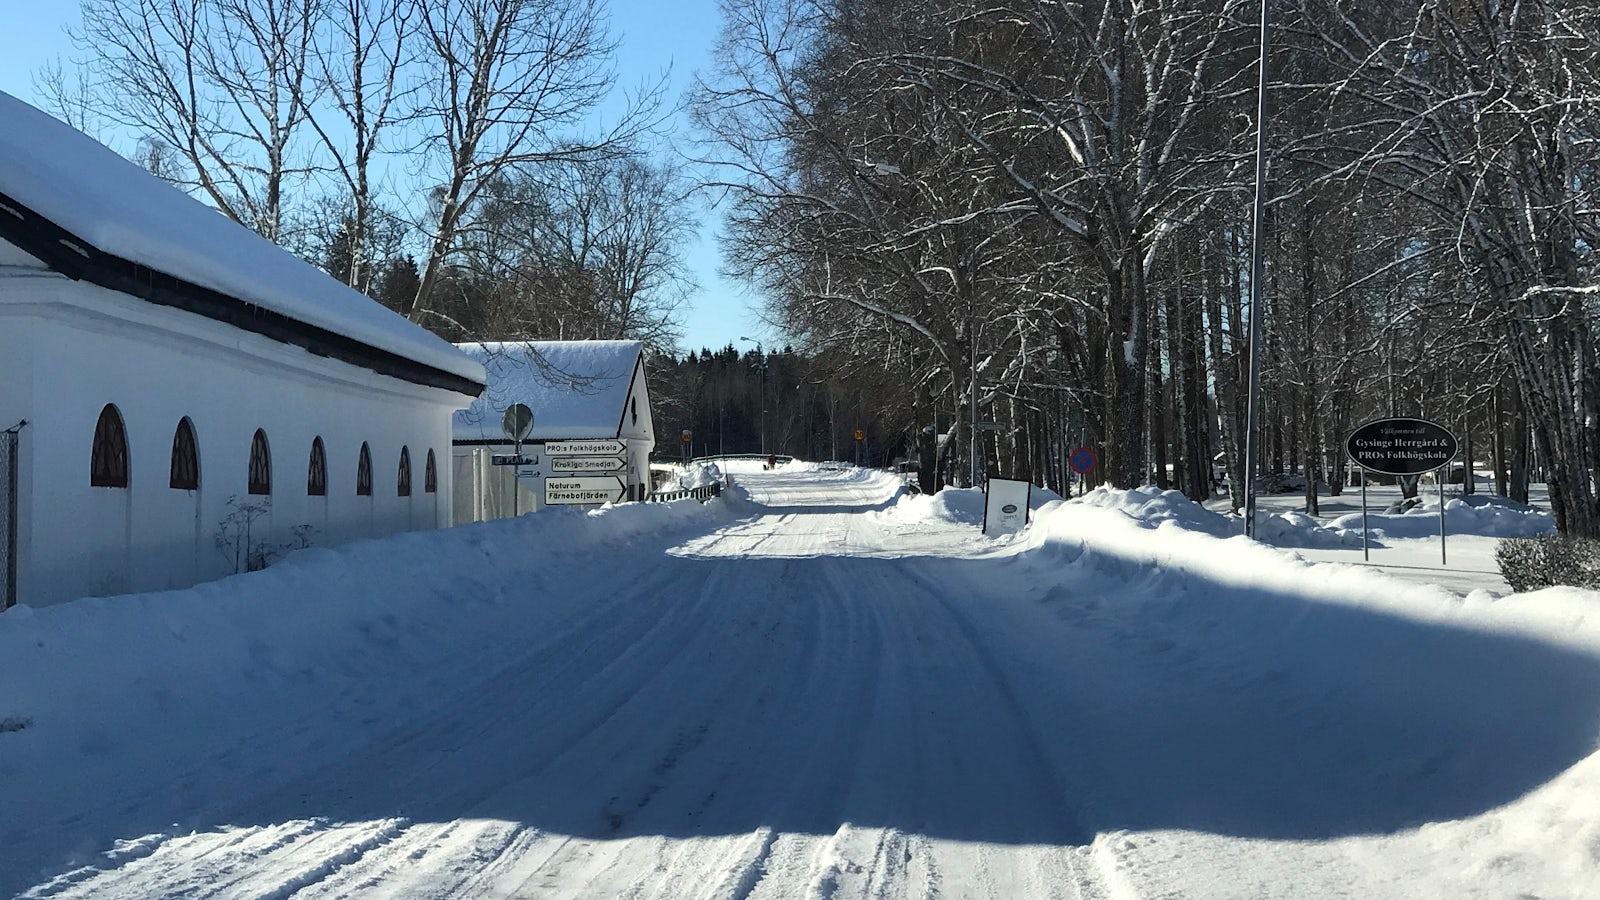 Vinterväglag på en landsväg.